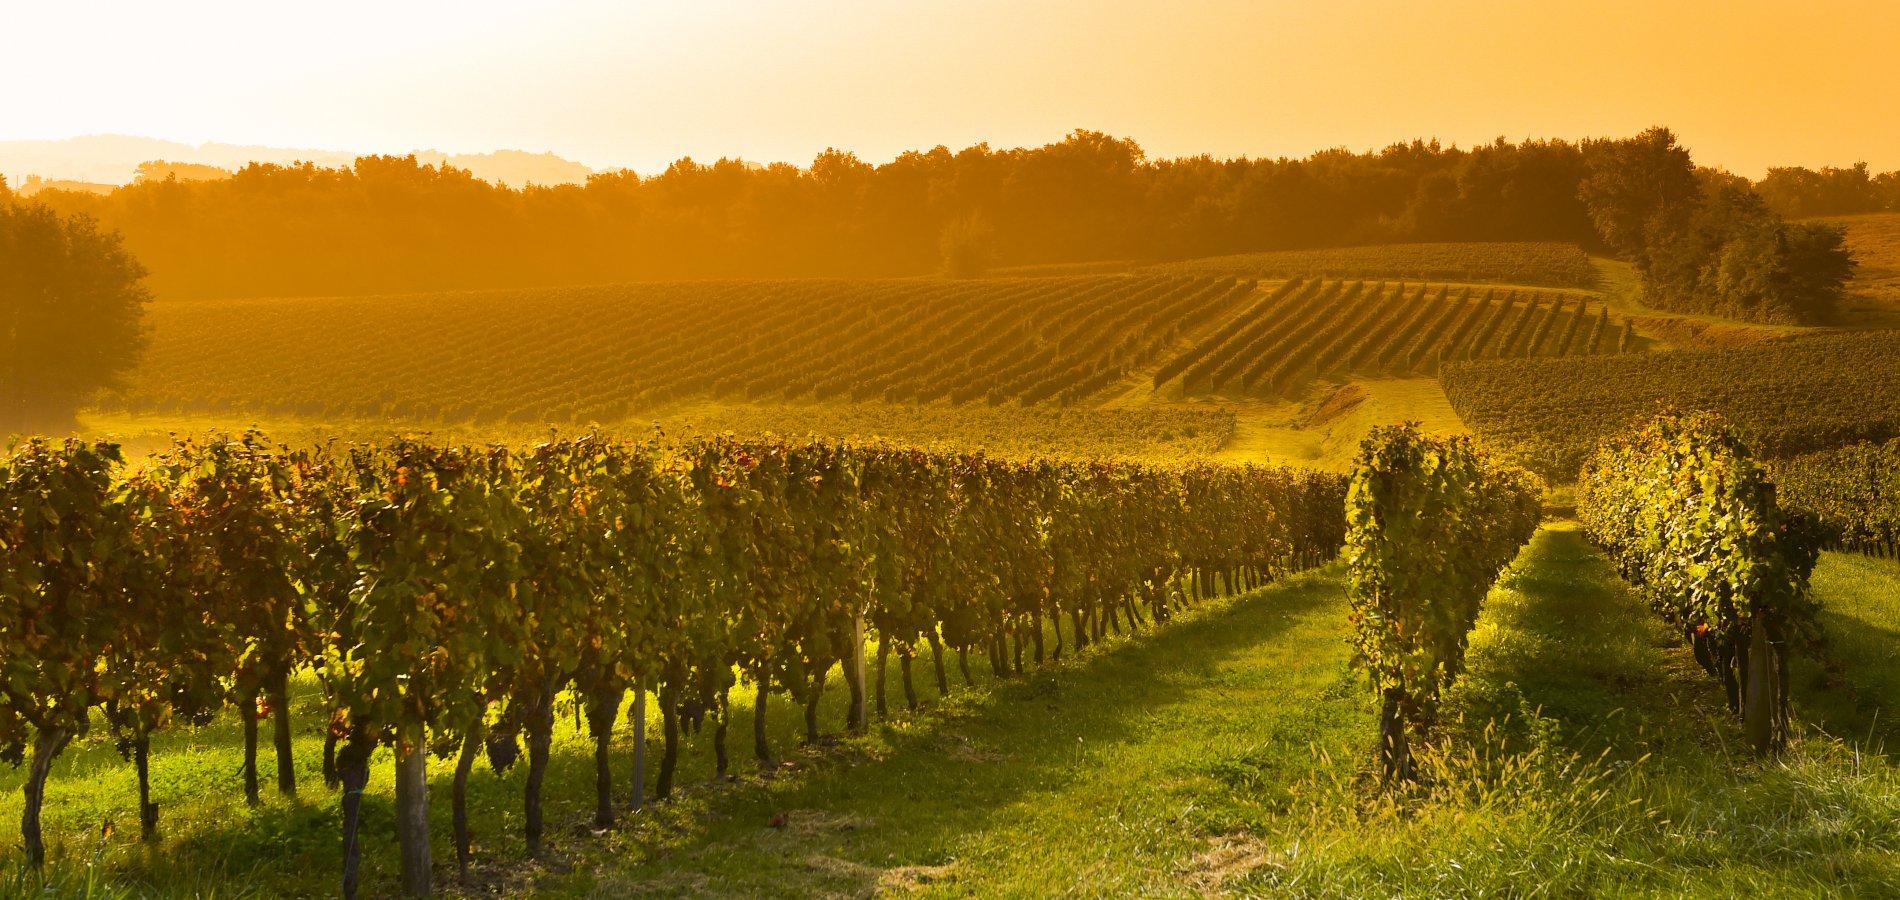 Ophorus Tours - Private Bordeaux Wine Tour to Saint Emilion from Toulouse